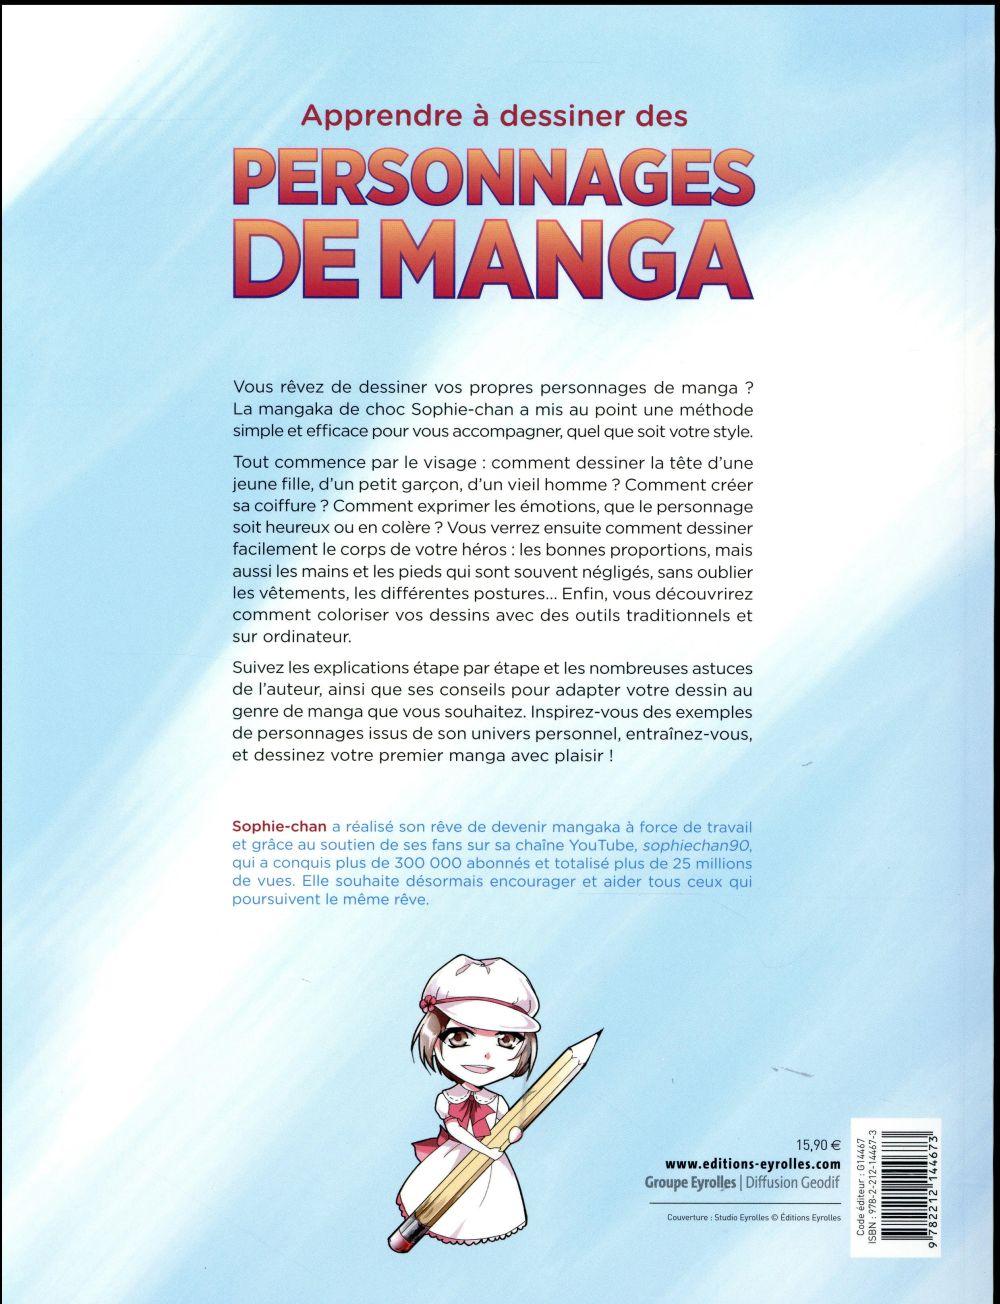 Apprendre à dessiner des personnages de manga